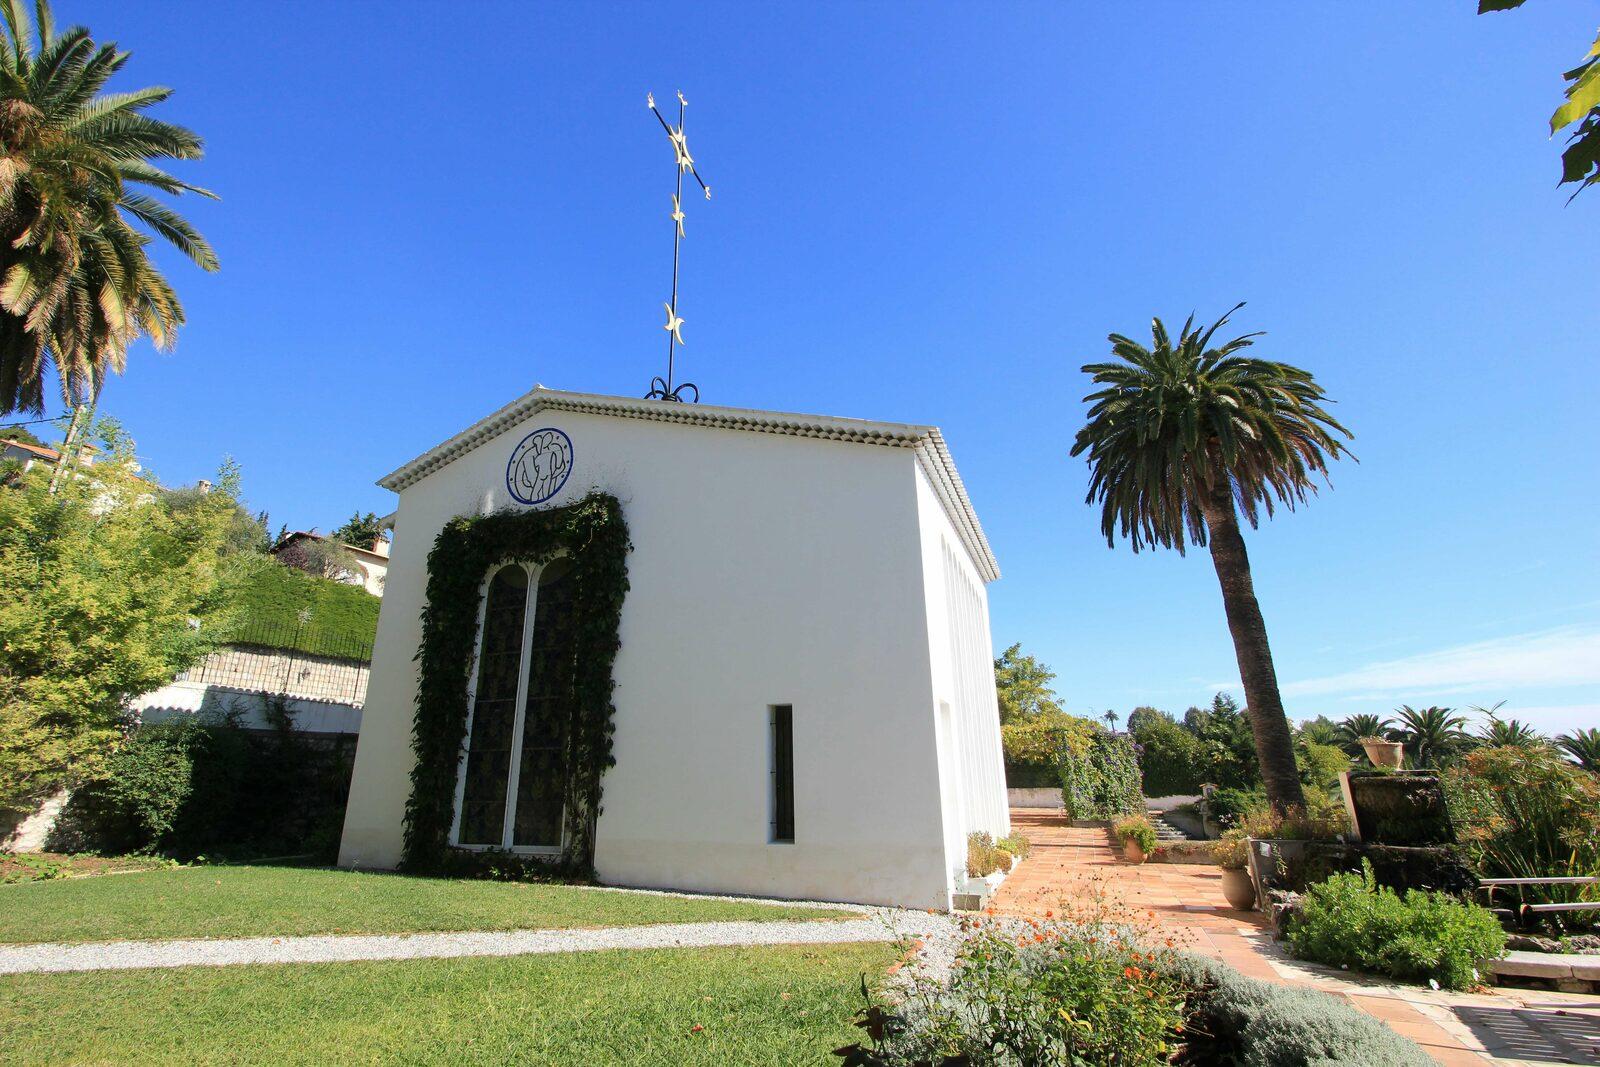 Chapelle Matisse à Vence sur la Côte d'Azur